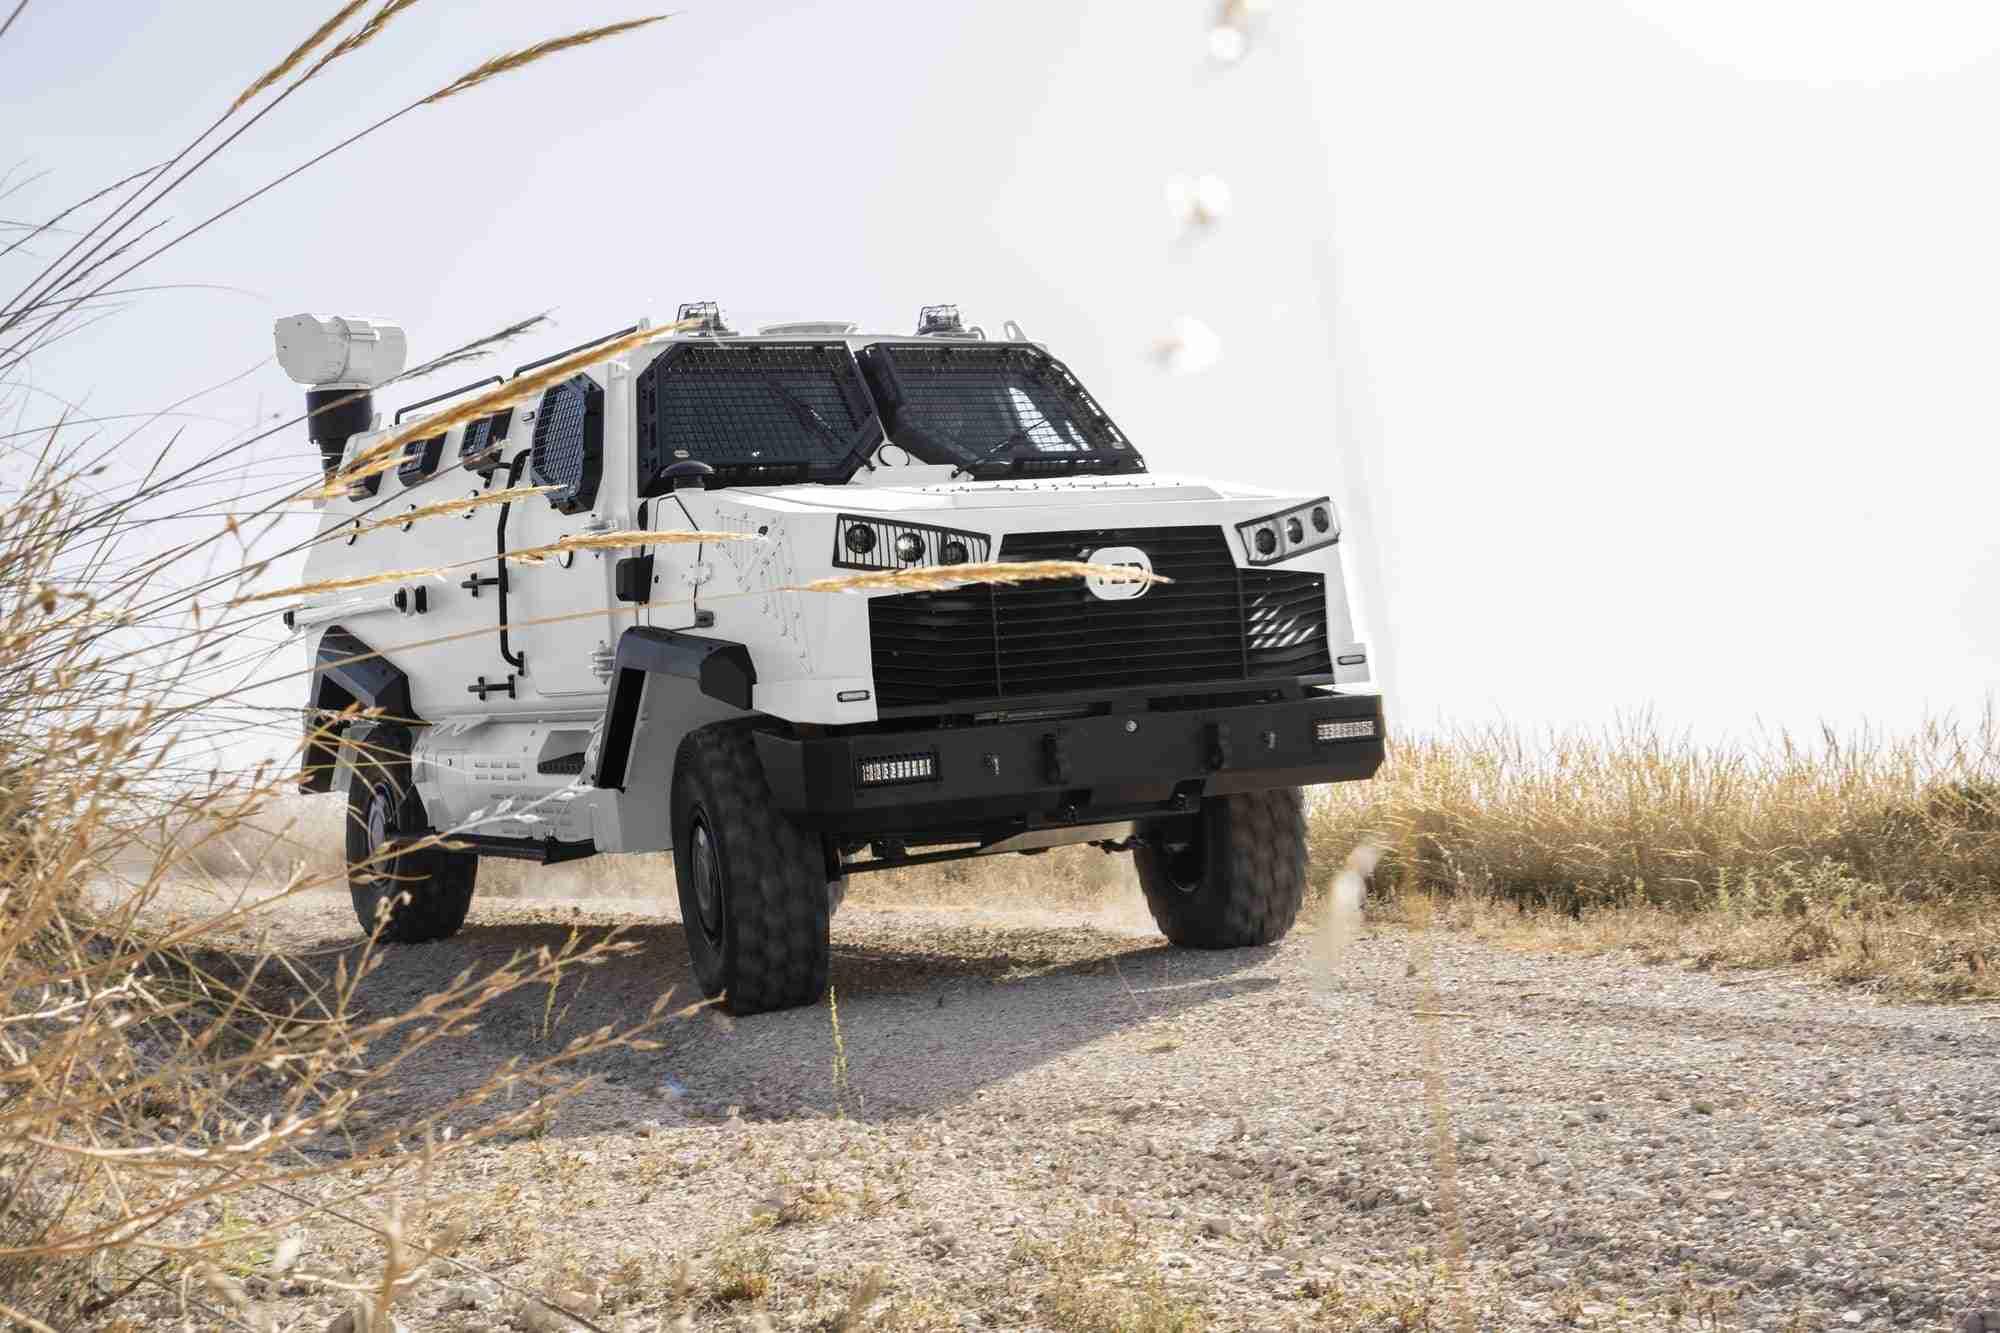 TSD presenta IBERO, un vehículo táctico multipropósito, con adaptabilidad y versatilidad 13